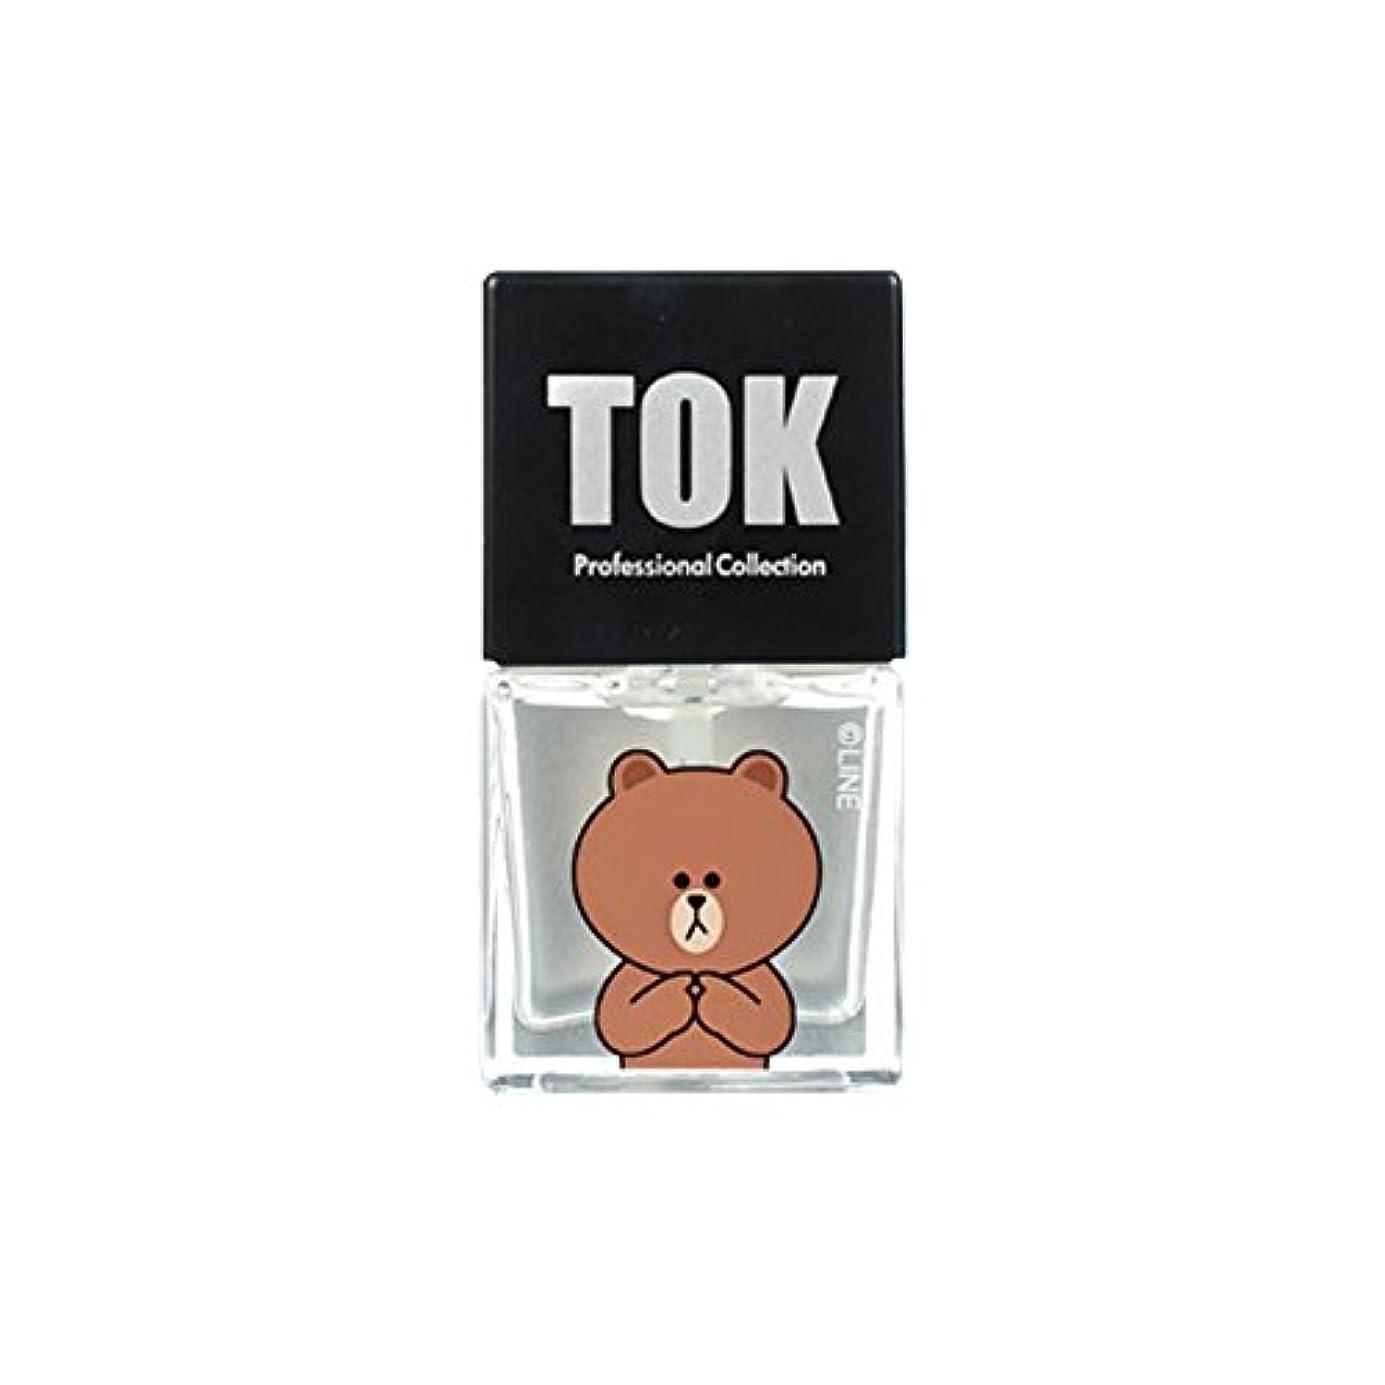 ピース迷惑飛行機TOK Line Friends ネイル基本ケア ベースコート トップコート キューティクルオイル キューティクルリムーバー 栄養剤 /TOK Line Friends Nail Hybrid Basic Care[海外直送品...